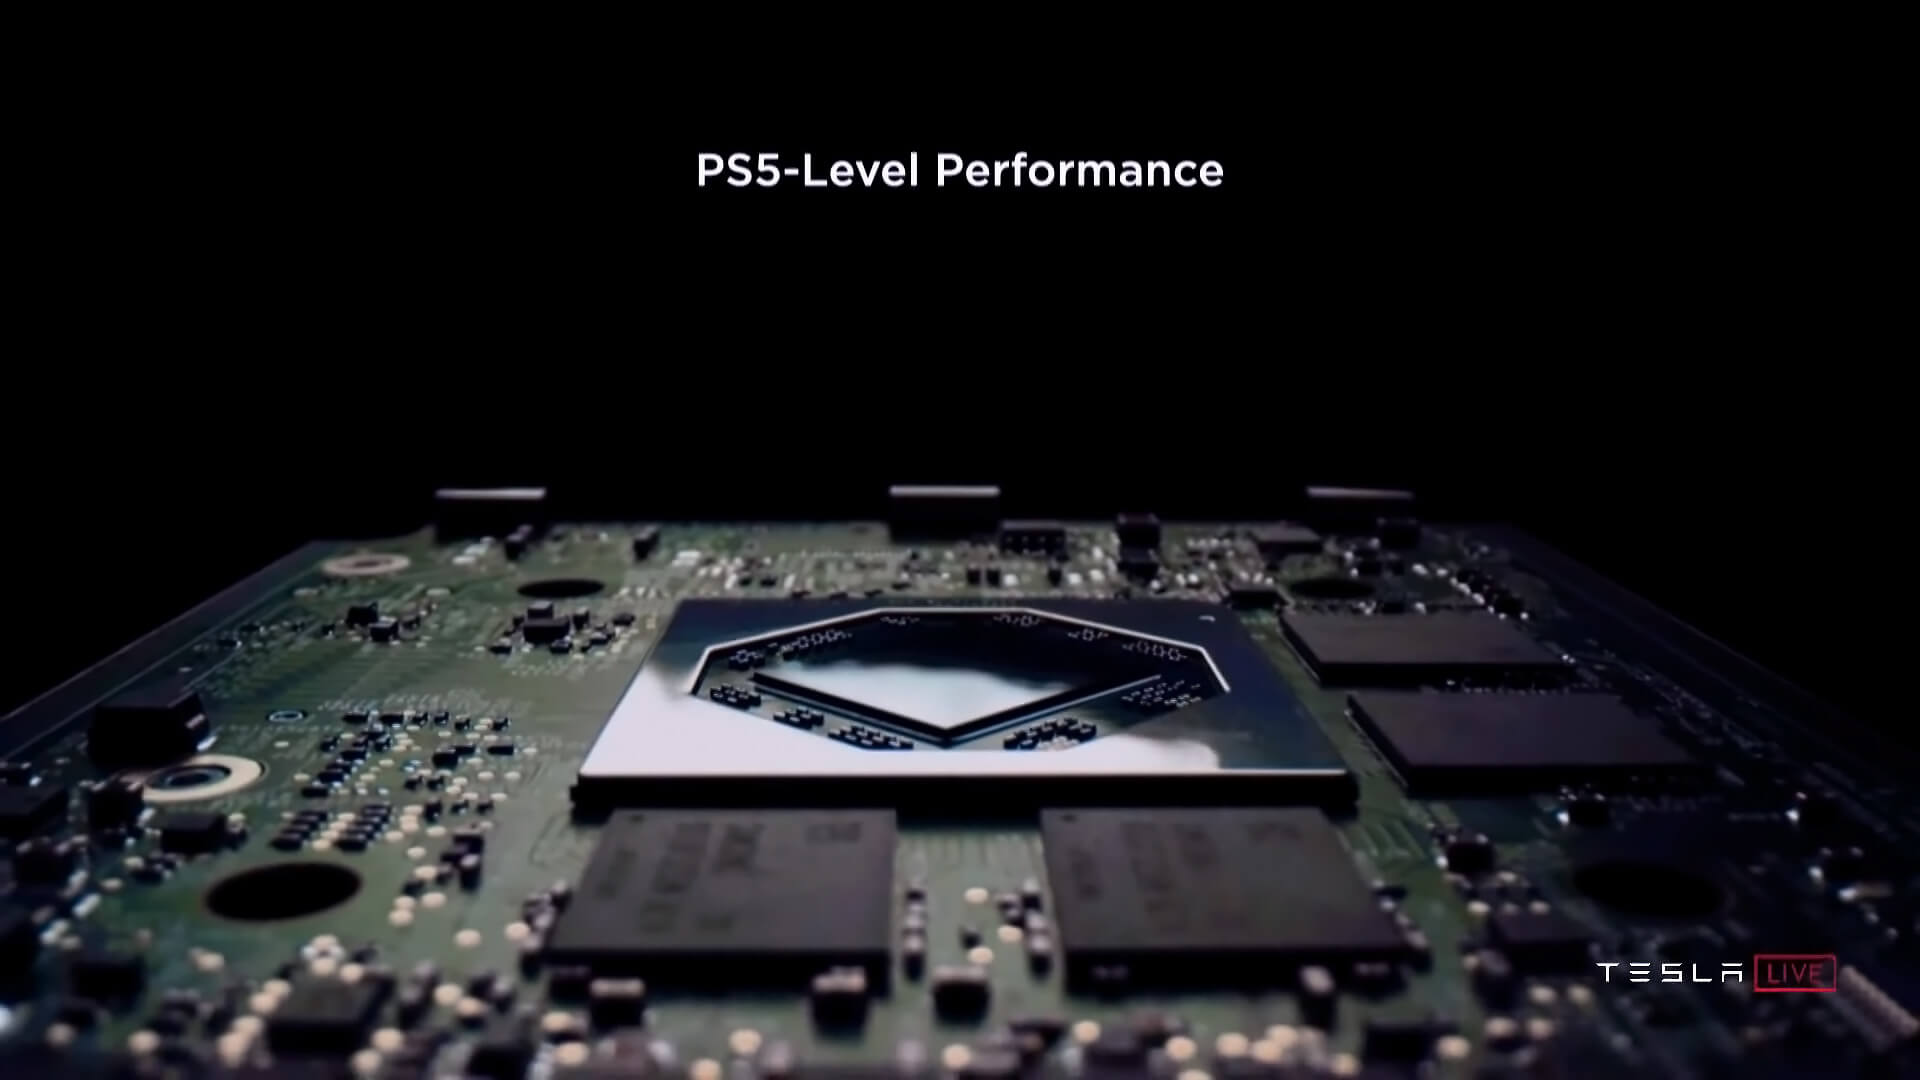 Model SPlaid имеет 10 терафлопс вычислительной мощности, что соответствует уровня PlayStation 5